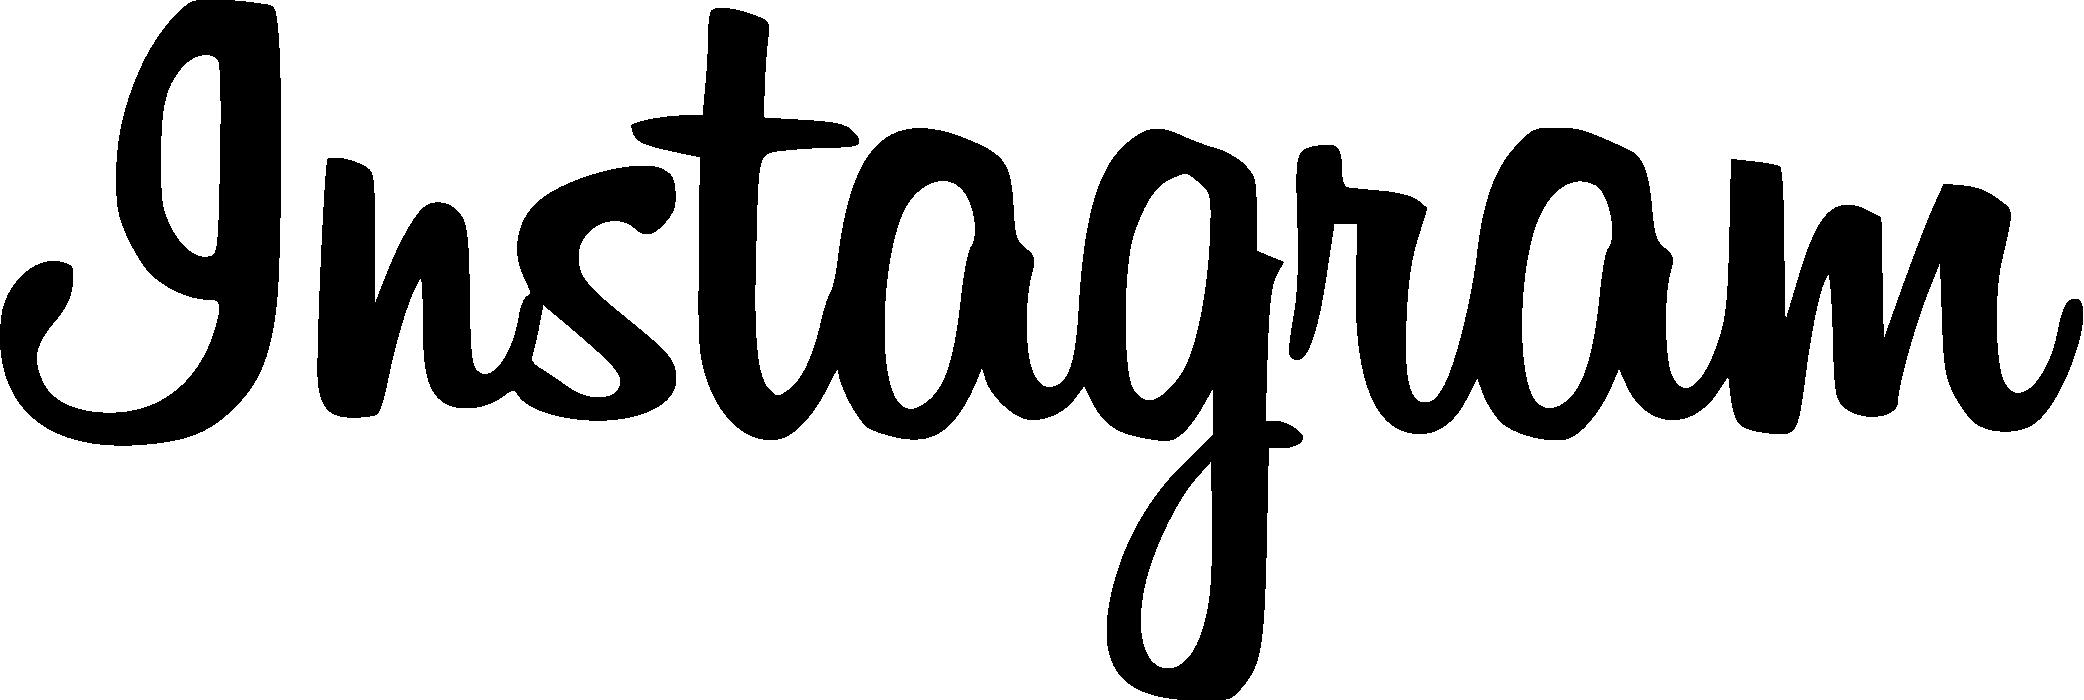 download instagram script typeface myfonts user logo font hq png image freepngimg instagram script typeface myfonts user